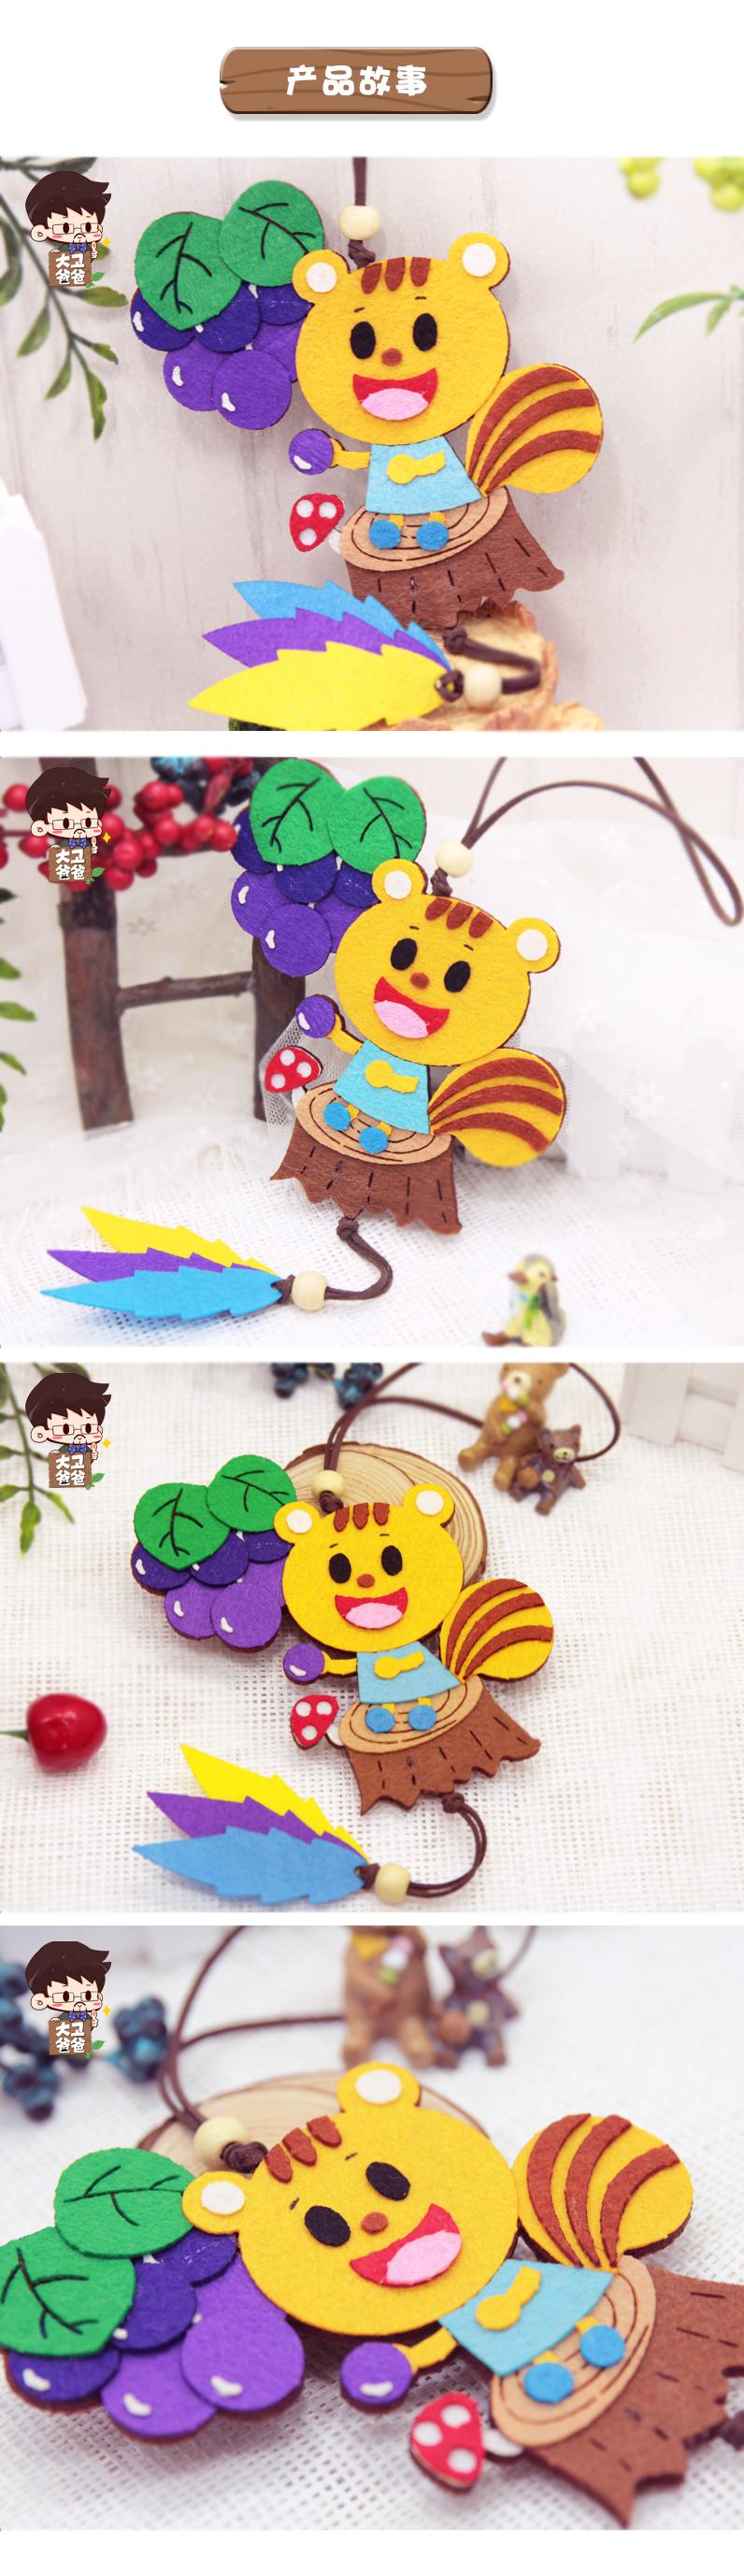 葡萄挂件挂饰儿童手工制作diy不织布材料包幼儿园